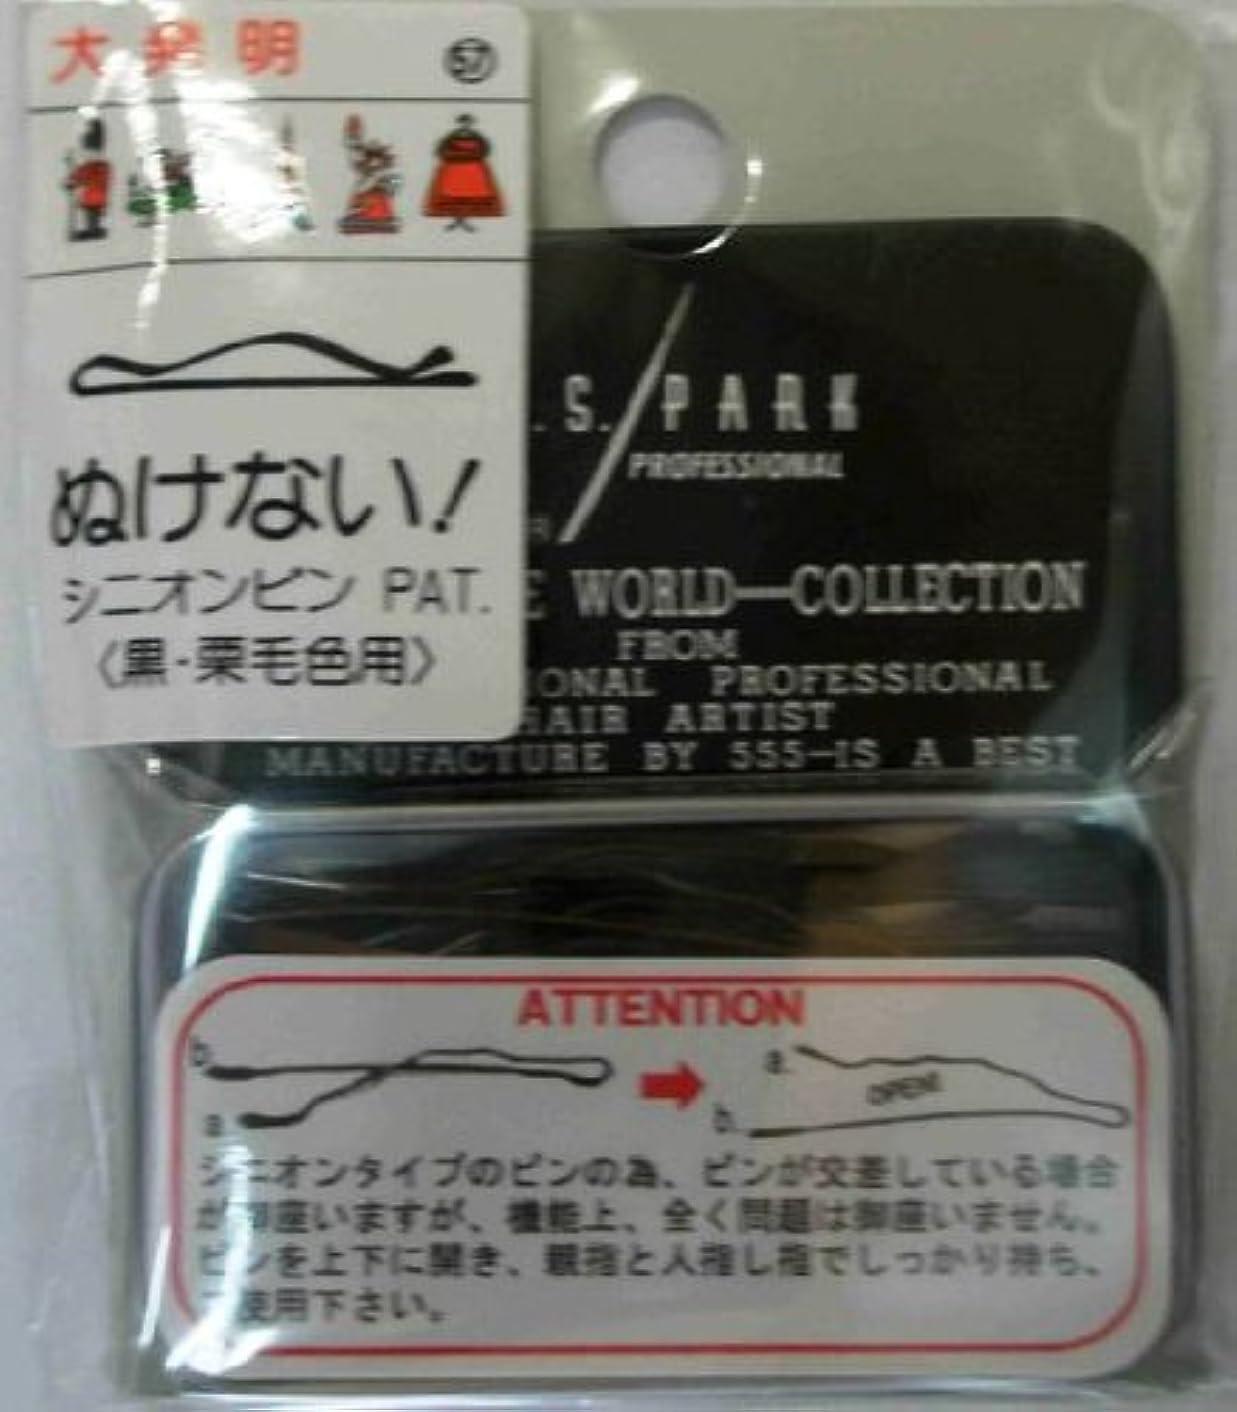 口径服海Y.S.PARK世界のヘアピンコレクションNo.57(黒?栗毛色用)24P